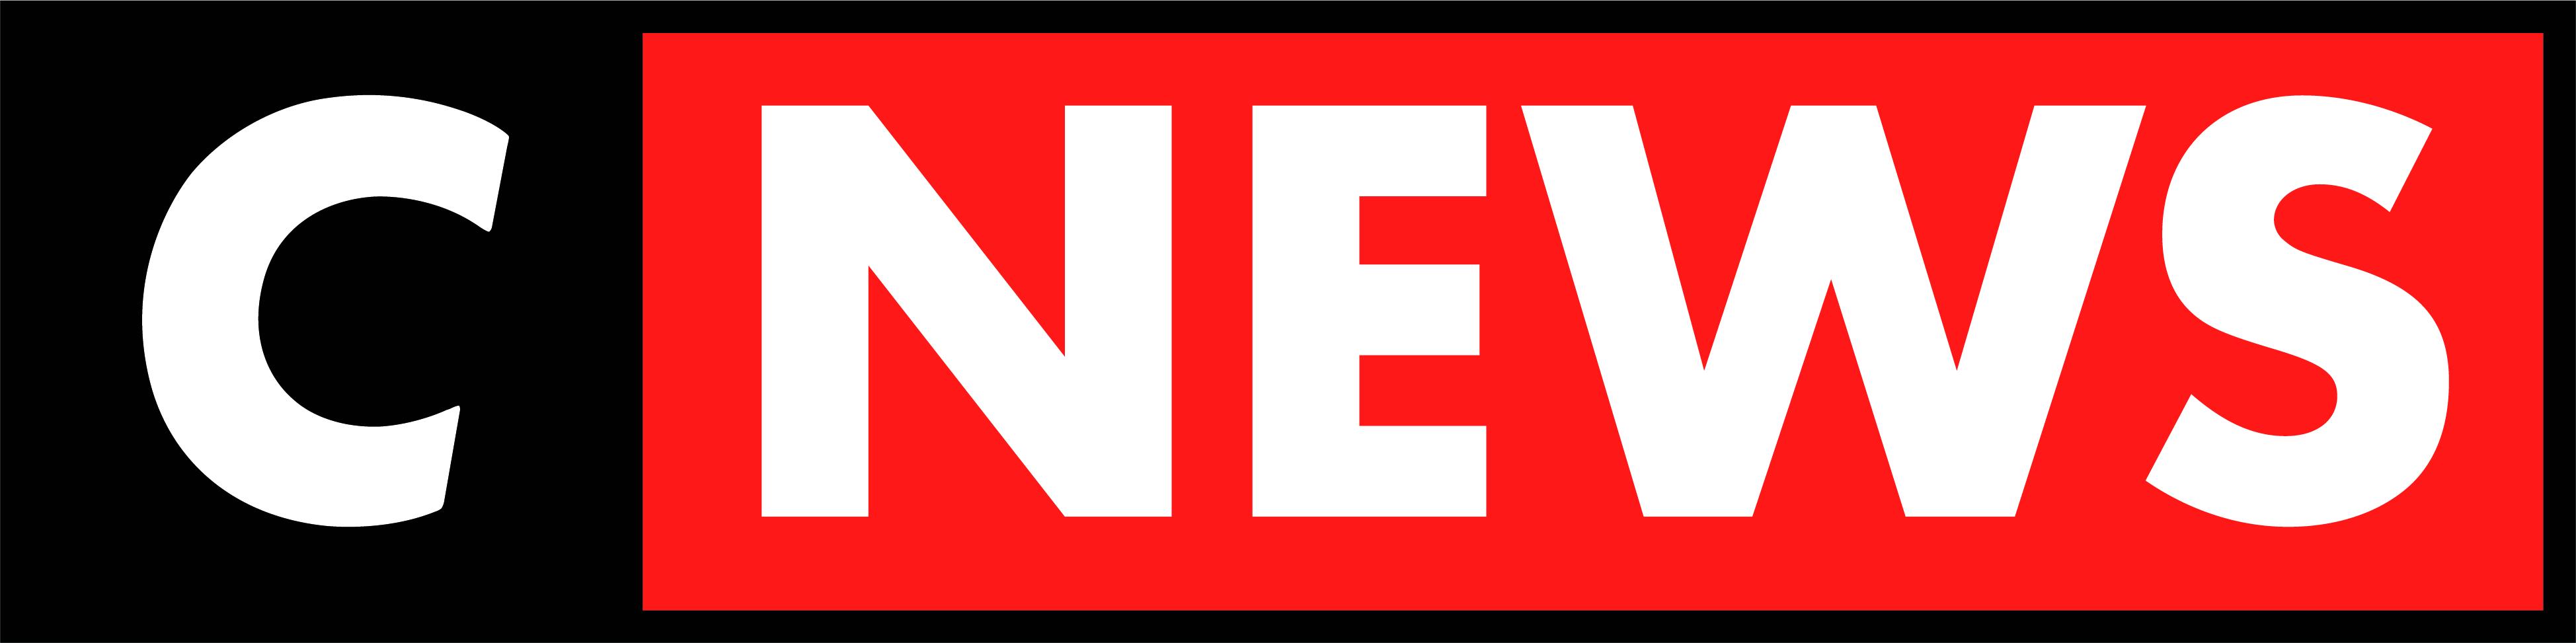 CNEWS_logo